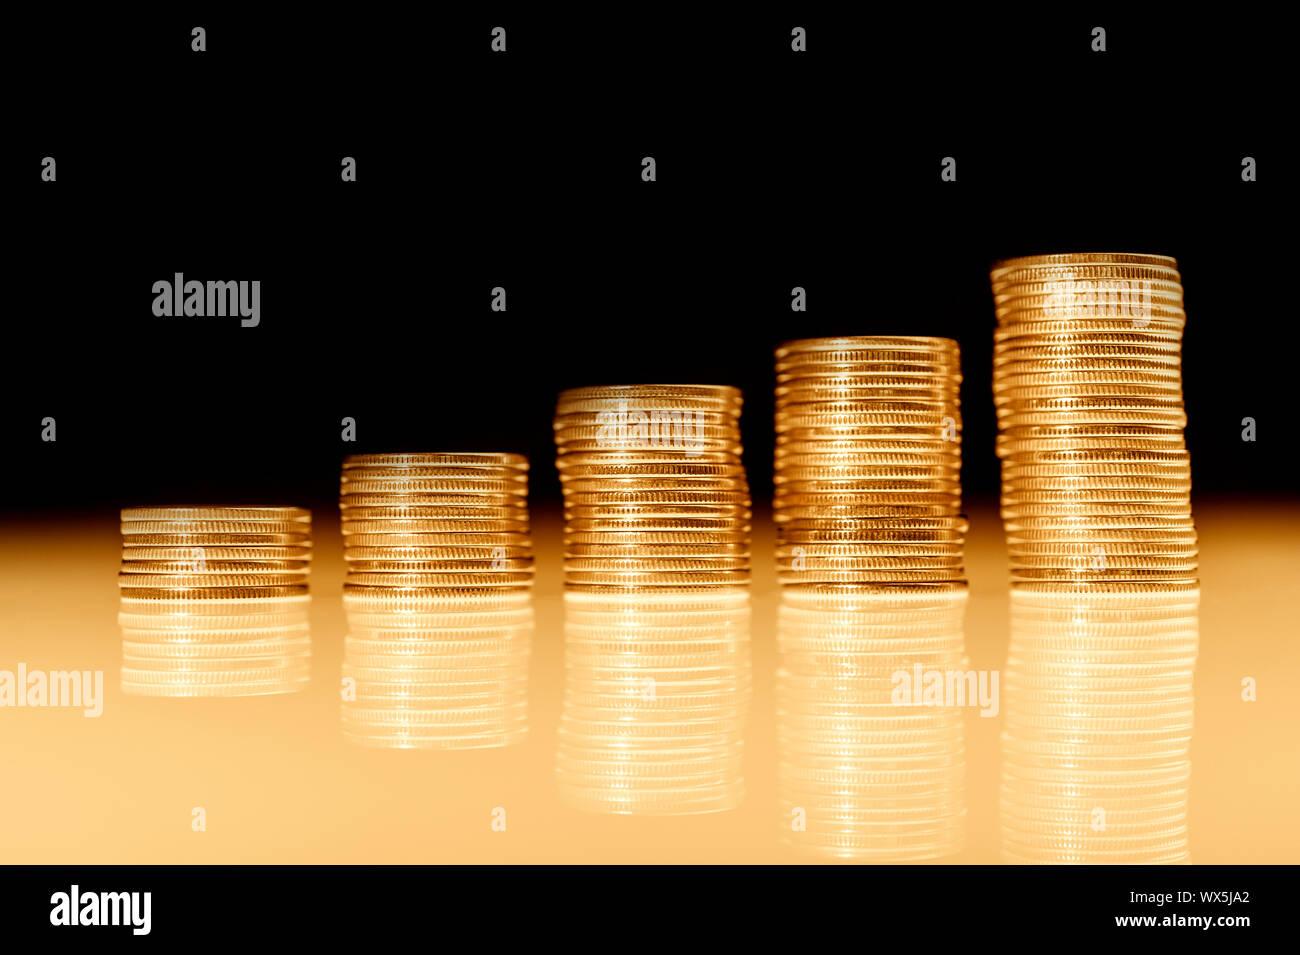 Pila de monedas de oro macro. Filas de monedas para el concepto de banca y finanzas. Antecedentes las tendencias de la economía. Foto de stock